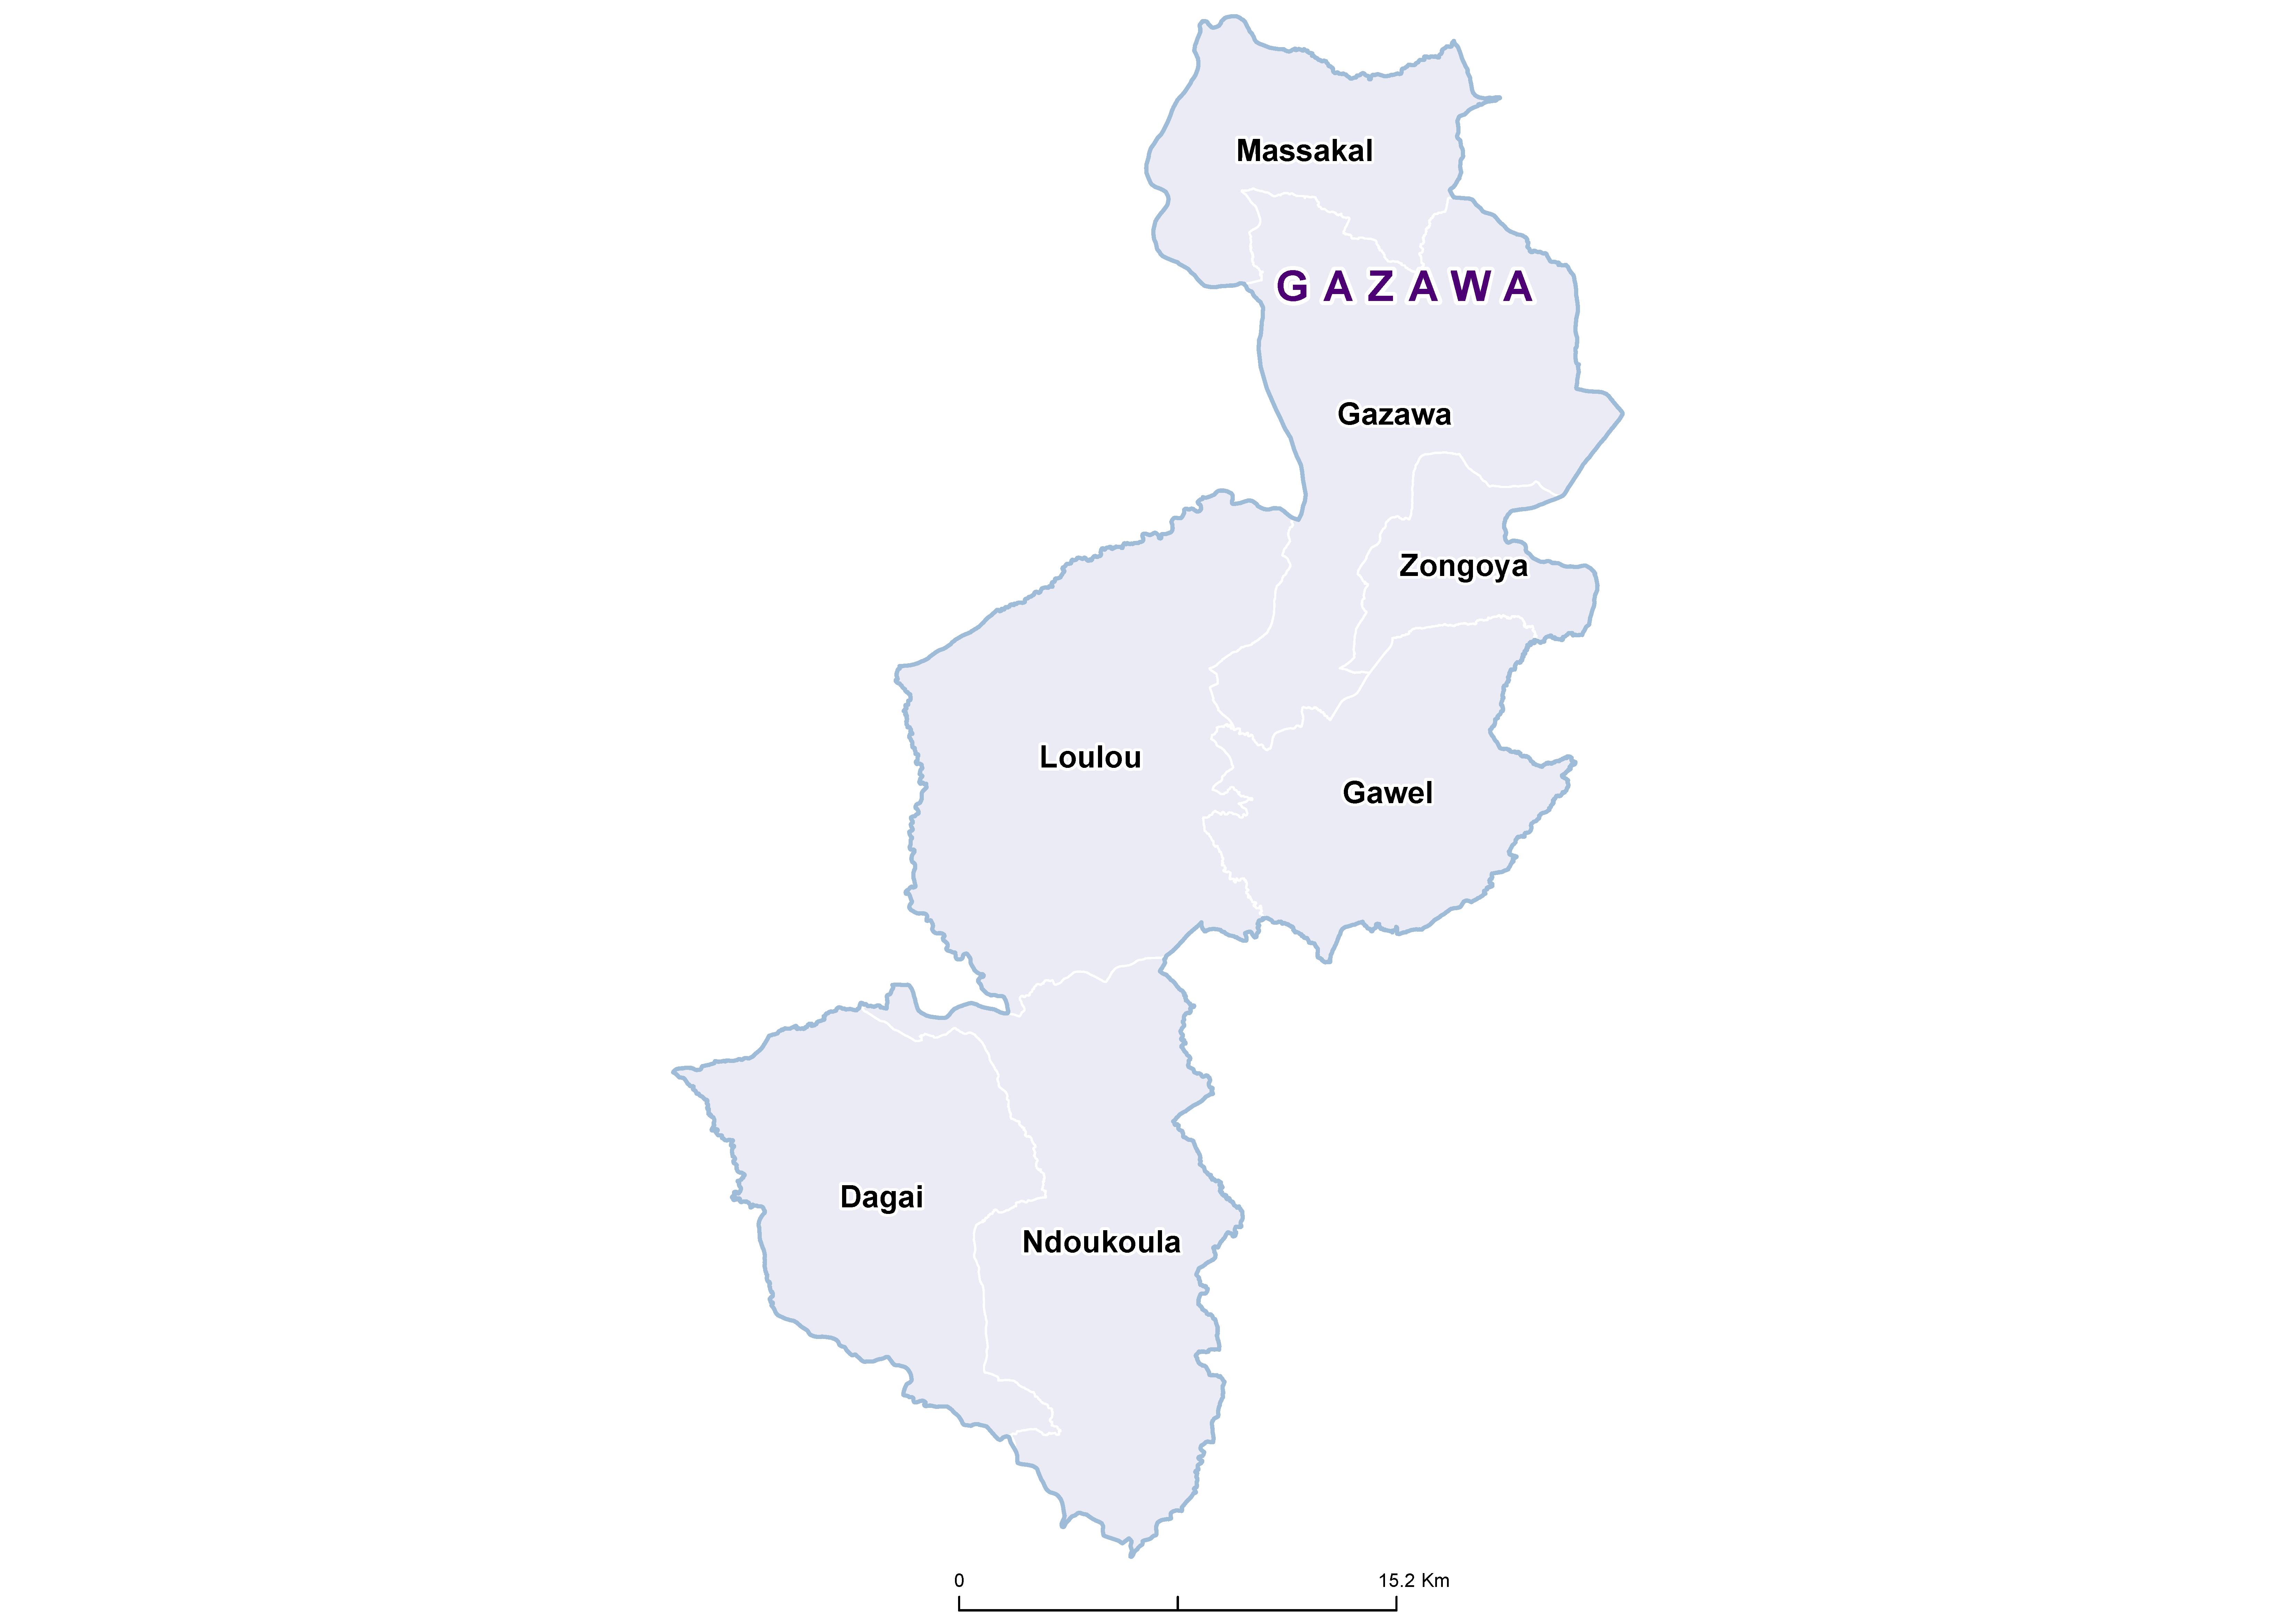 Gazawa STH 20180001